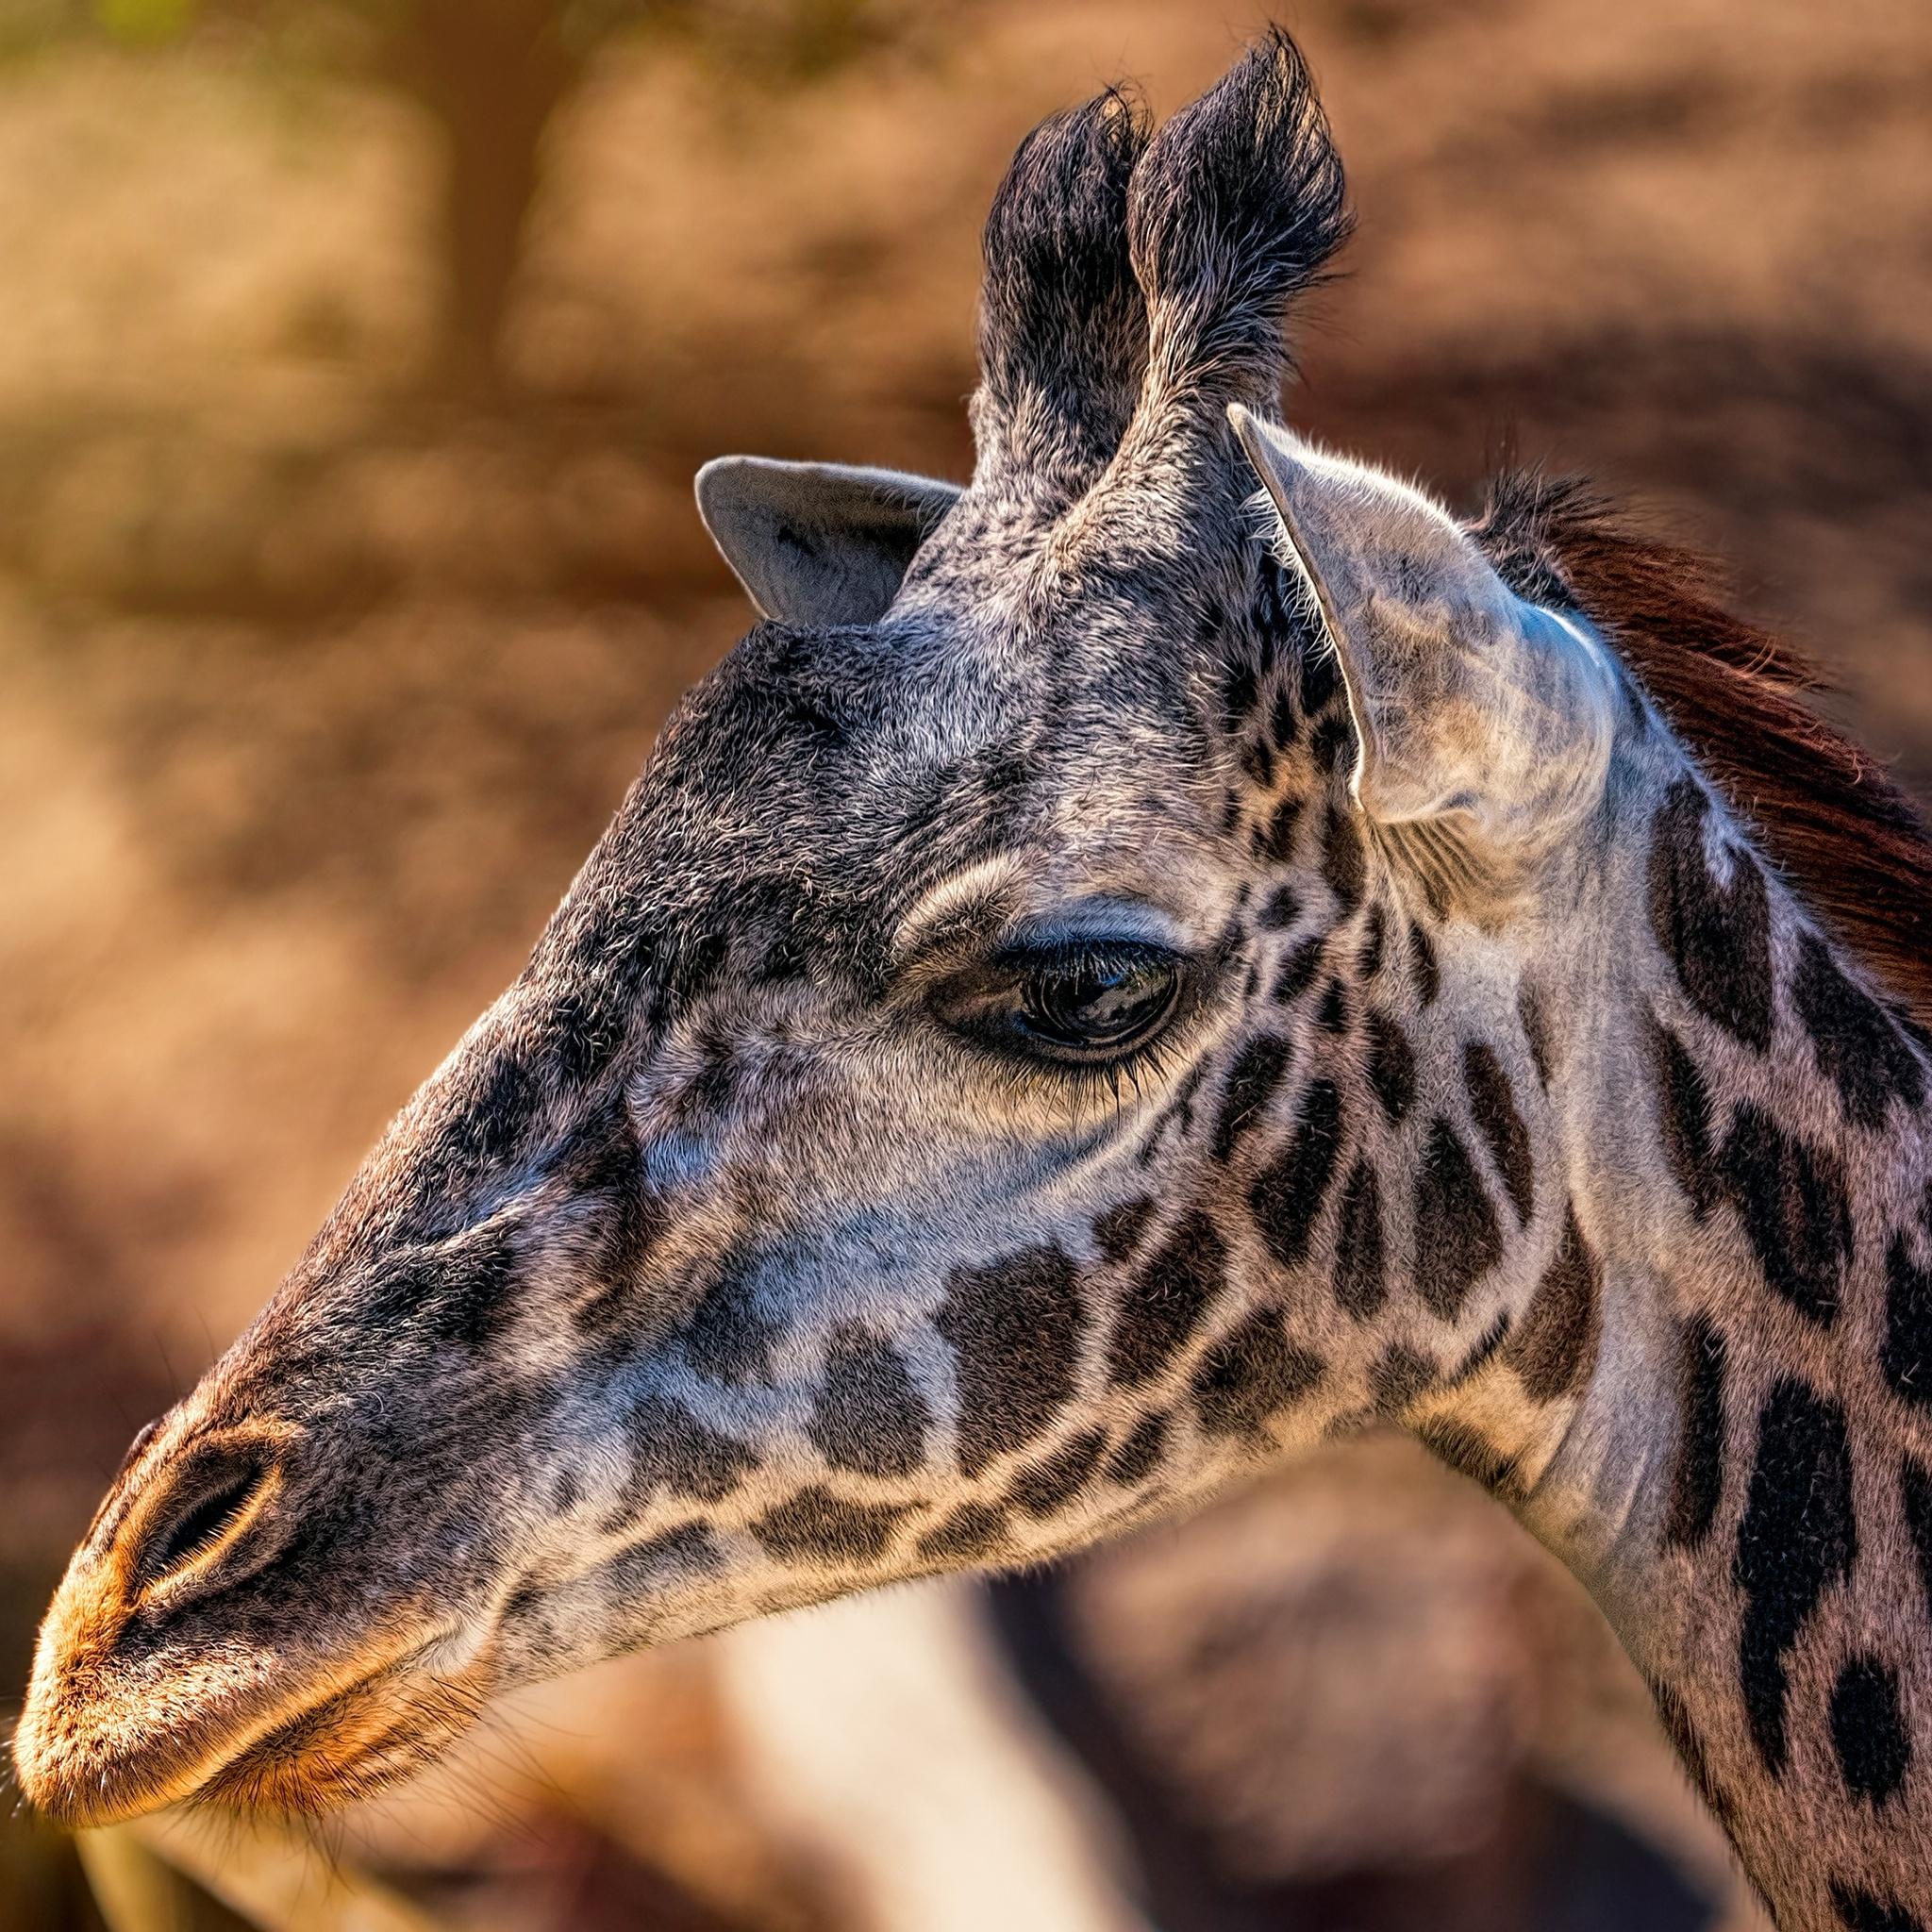 giraffes-head-closeup-4k-hp.jpg